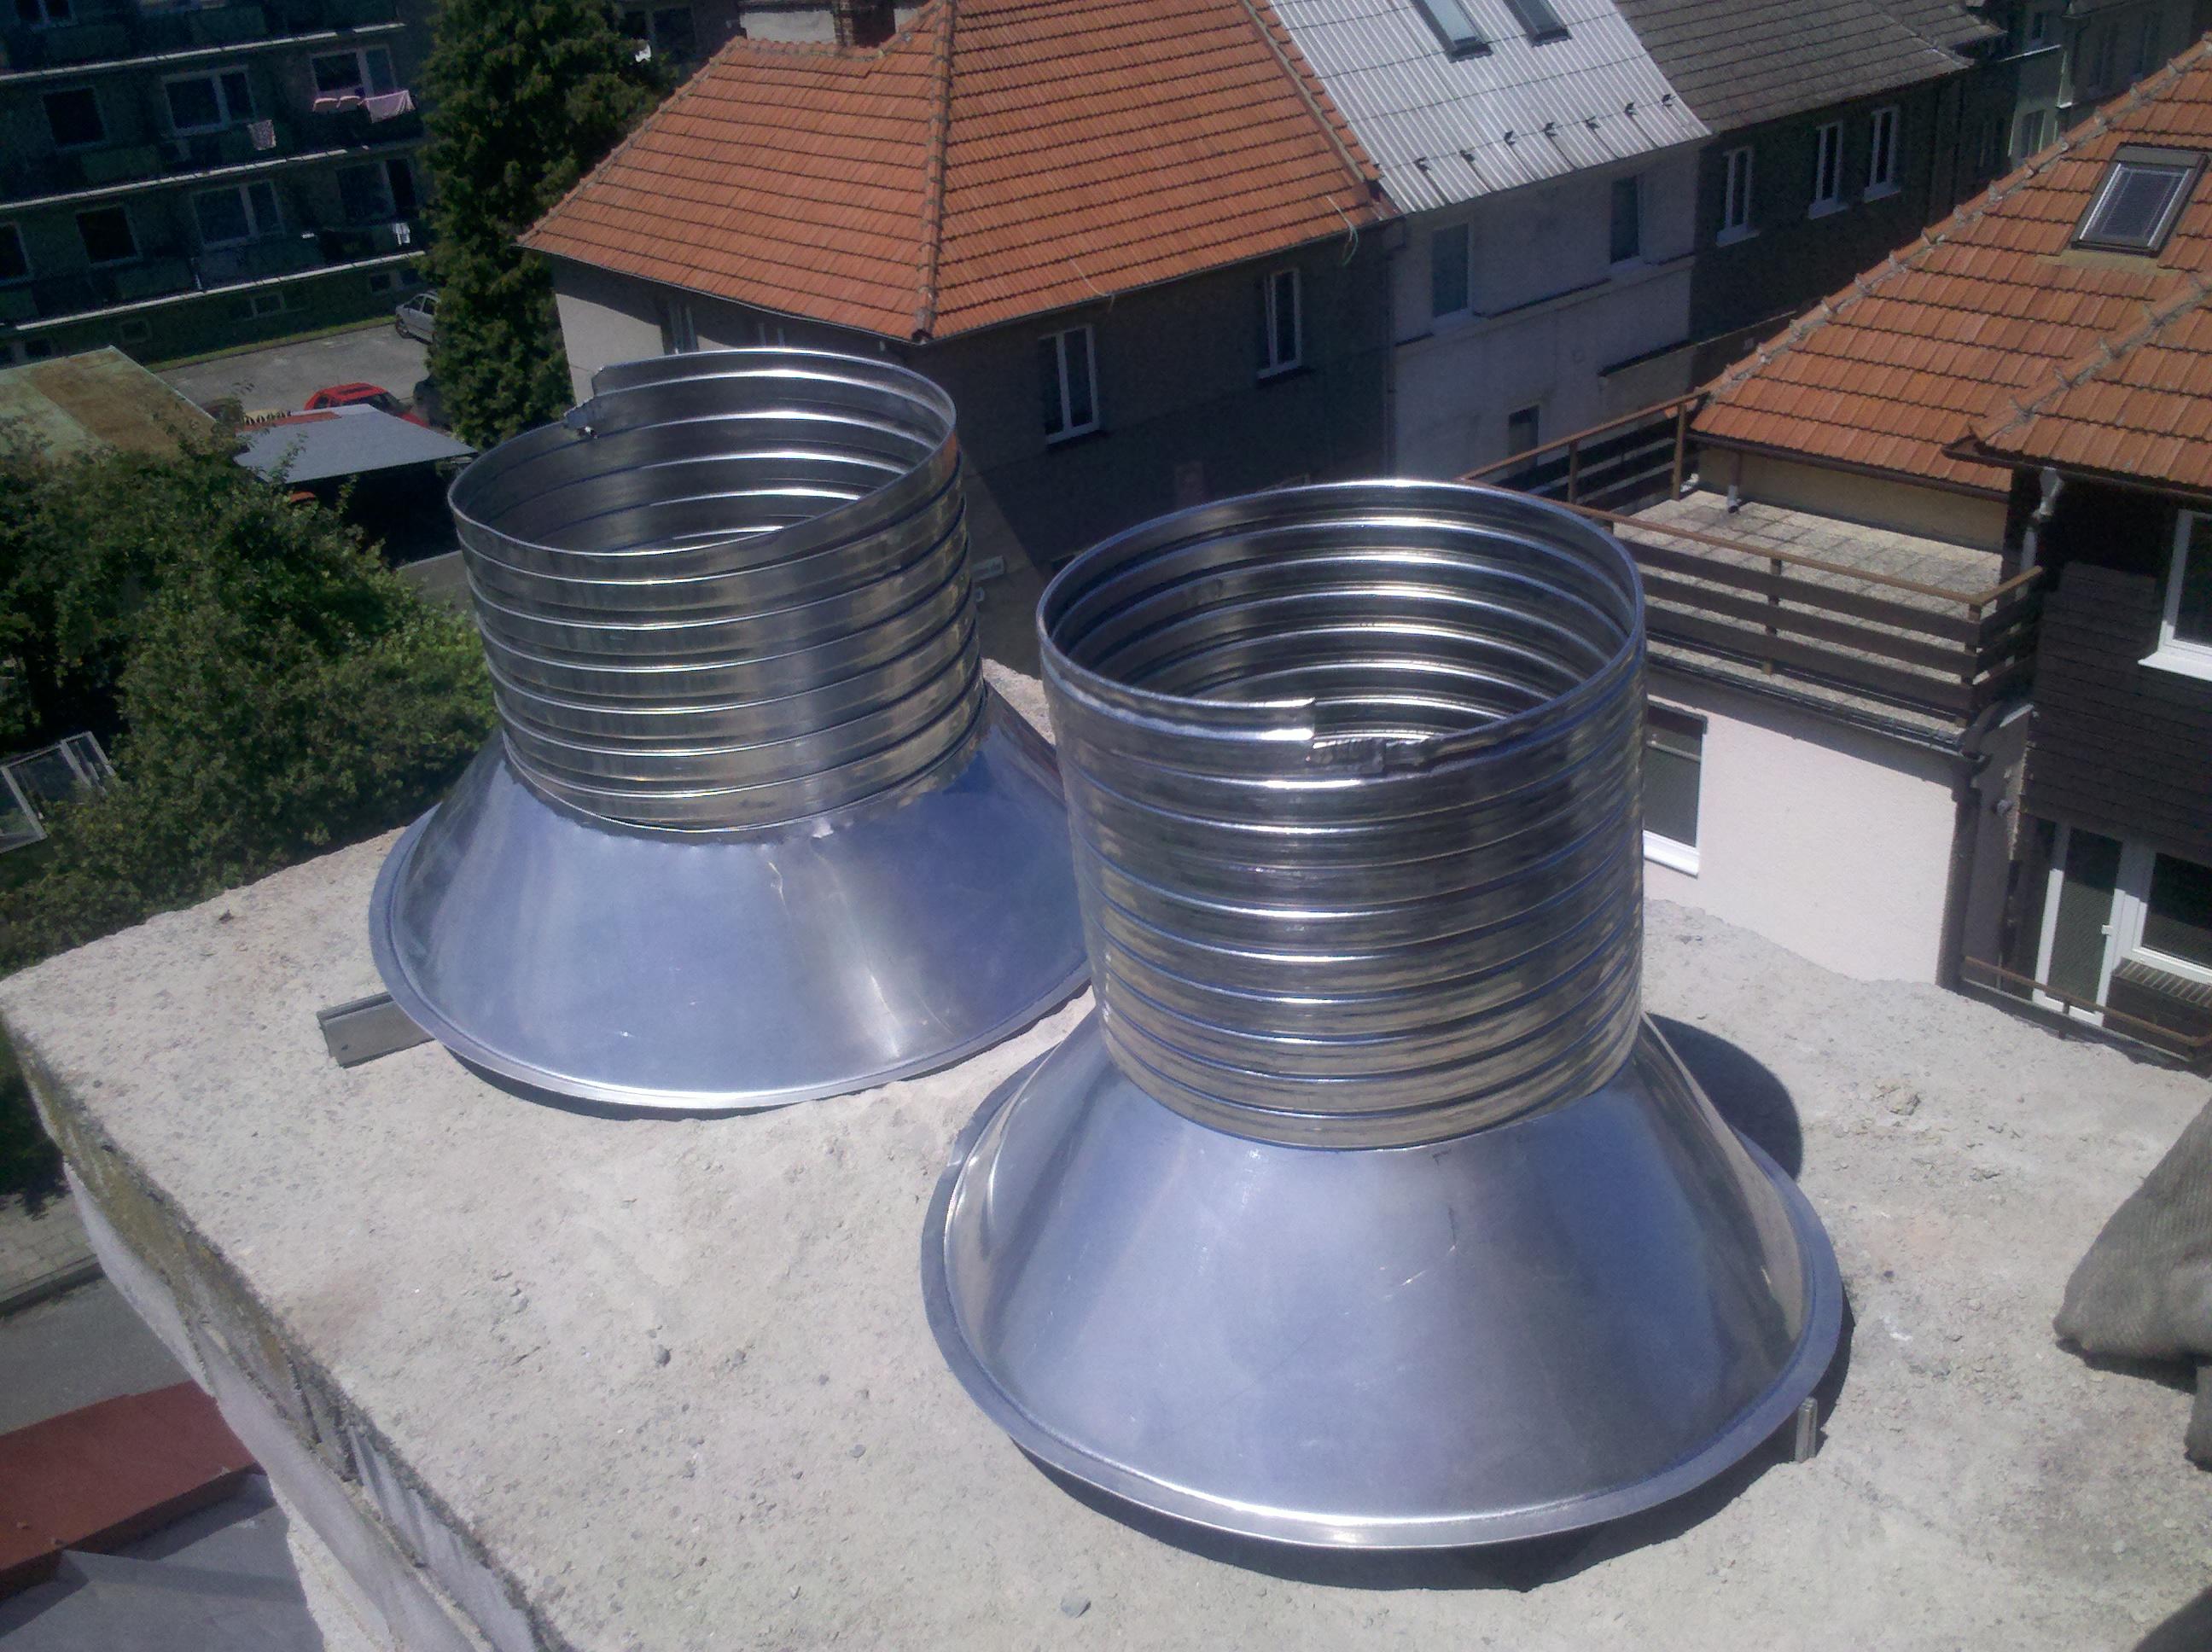 Plynové komínové vložky, kominické práce Kominictví Marek Švécar